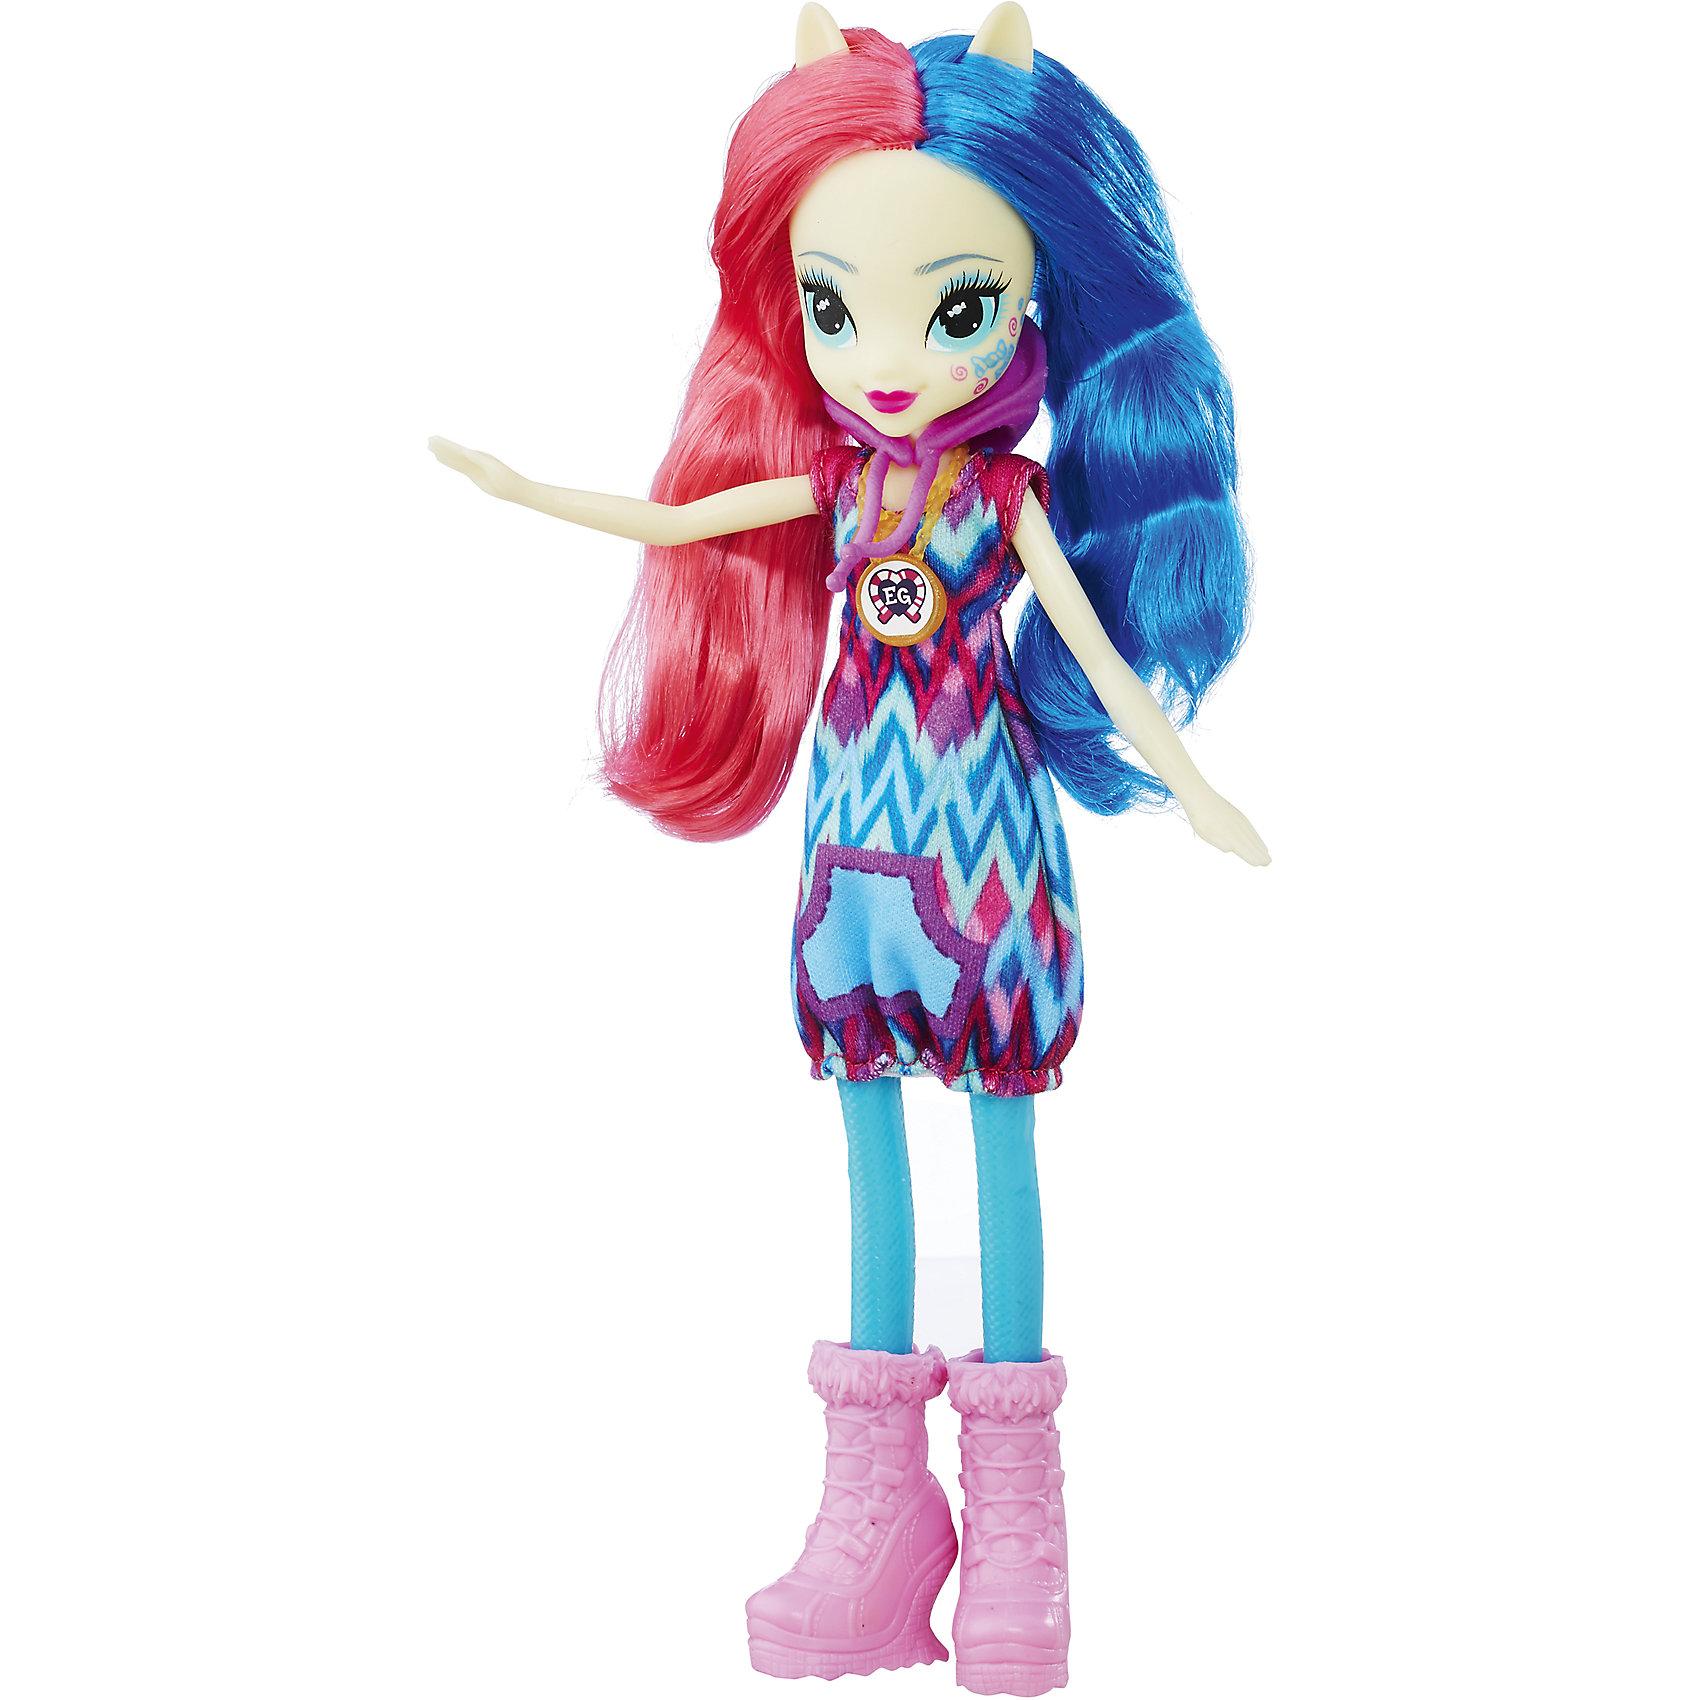 Кукла Эквестрия Герлз Легенды вечнозеленого леса - Свити ДропсКуклы-модели<br>Характеристики:<br><br>• возраст: от 5 лет;<br>• материал: пластик;<br>• в комплекте: кукла, наряд, ожерелье;<br>• высота куклы: 22 см;<br>• размер упаковки: 30,4х14х5 см;<br>• вес упаковки: 209 гр.;<br>• страна производитель: Китай.<br><br>Кукла «Легенда Вечнозеленого леса» Hasbro — героиня известного мультсериала «Мой маленький пони. Девочки из Эквестрии» Свити Дропс. Она одета в разноцветное платье и розовые туфельки. У куклы выразительные голубые глаза и длинные разноцветные волосы. Дополняет образ героини необычное ожерелье. На ожерелье имеется код, который поможет разблокировать увлекательную игру в приложении Equestria Girls.<br><br>Куклу «Легенда Вечнозеленого леса» Hasbro можно приобрести в нашем интернет-магазине.<br><br>Ширина мм: 50<br>Глубина мм: 140<br>Высота мм: 304<br>Вес г: 209<br>Возраст от месяцев: 60<br>Возраст до месяцев: 2147483647<br>Пол: Женский<br>Возраст: Детский<br>SKU: 6753143